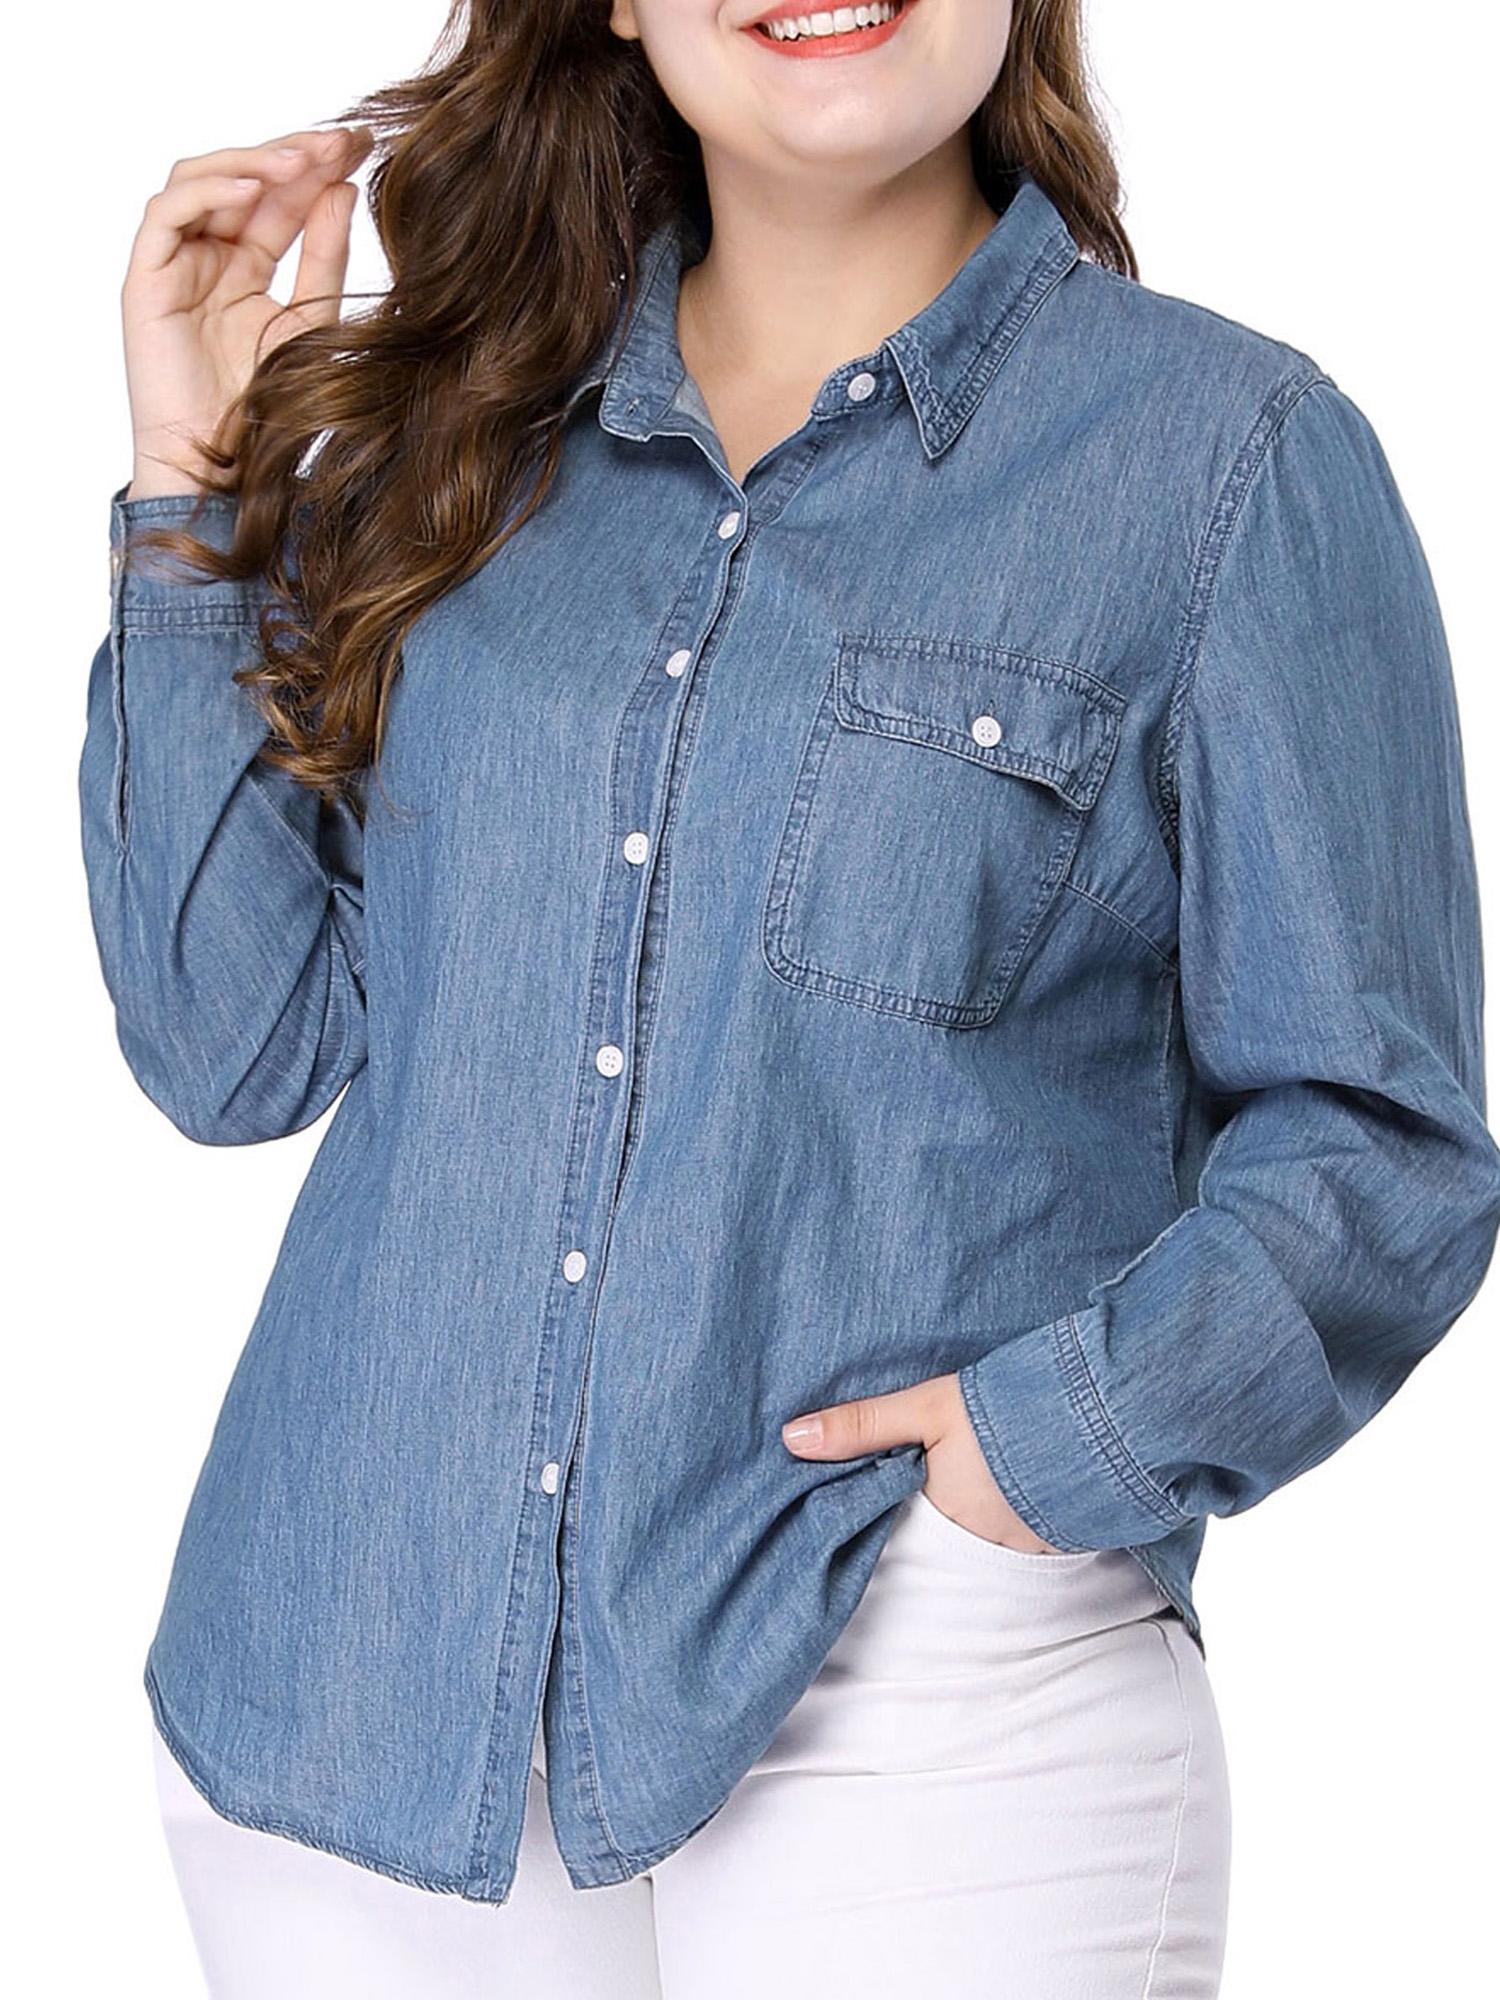 Unique Bargains Women\'s Plus Size Chambray Shirt Blue (Size 5X) -  Walmart.com